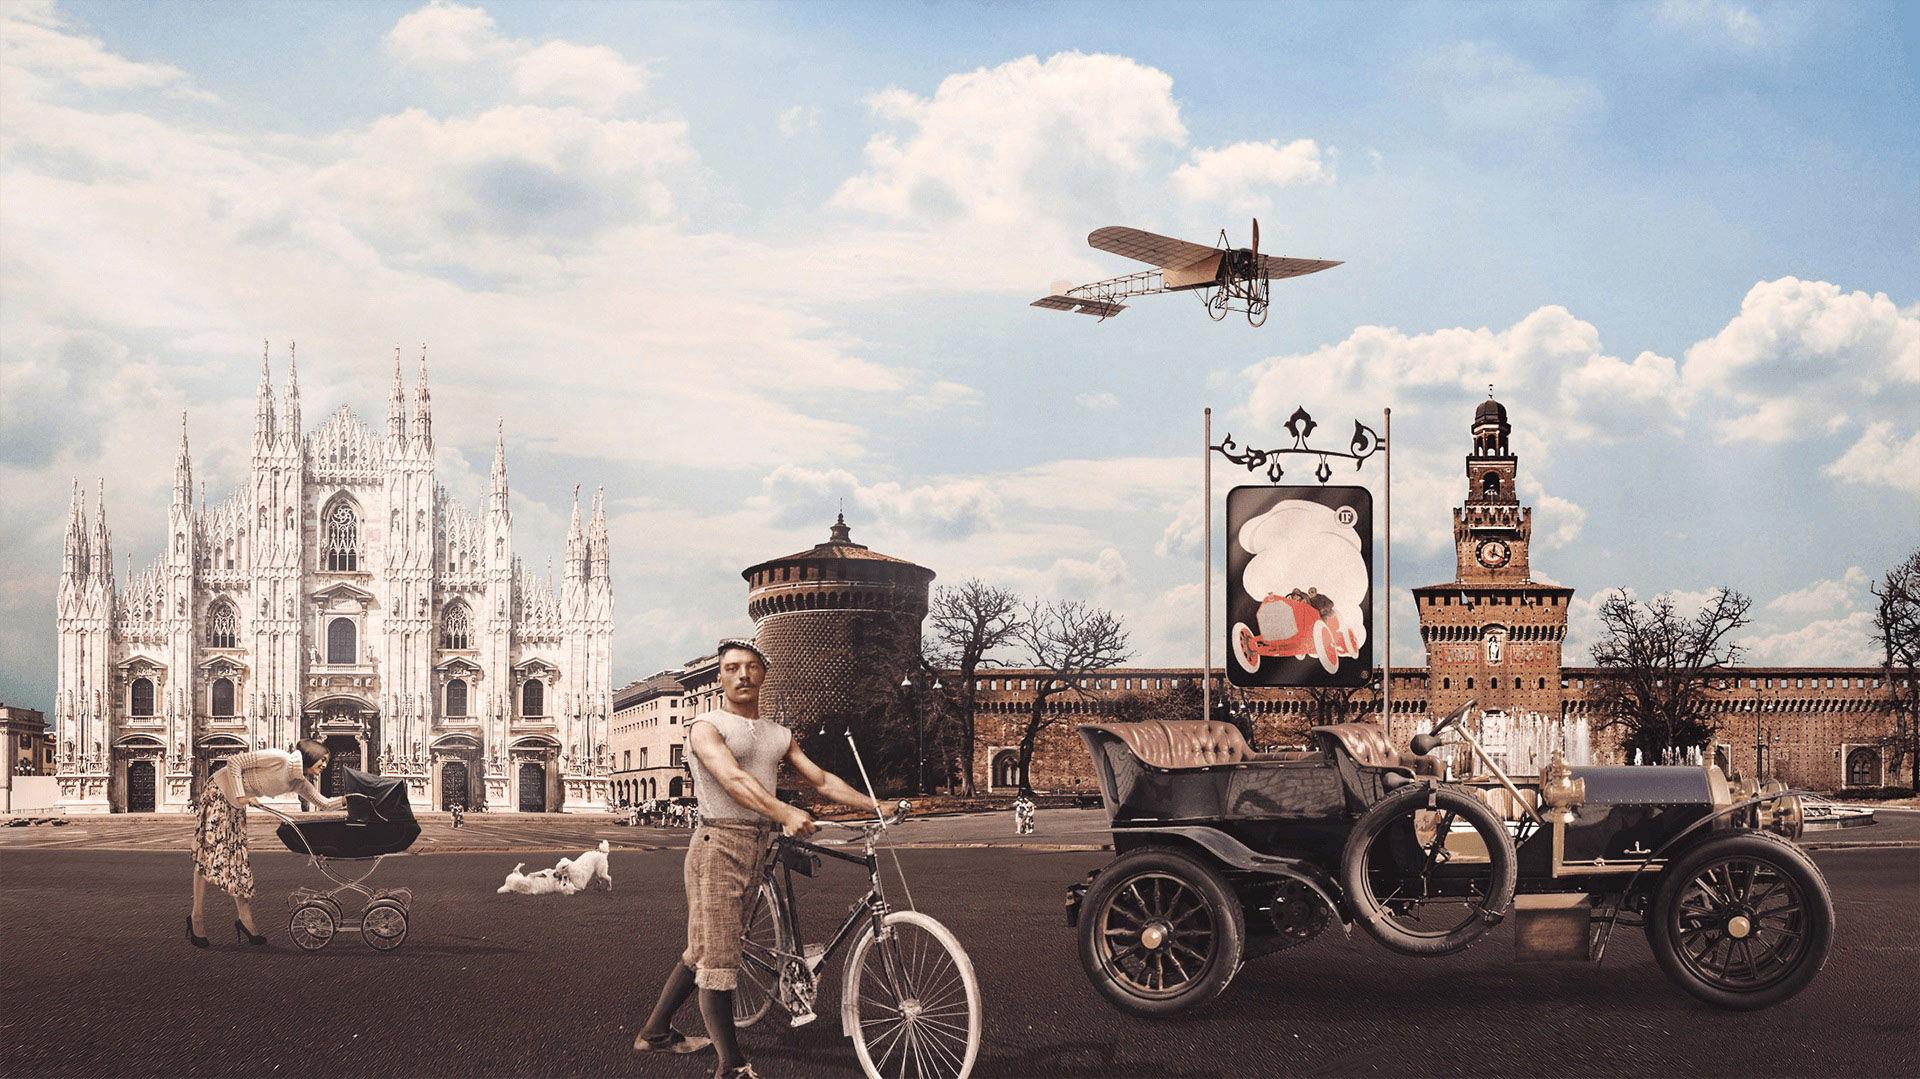 Storia di Maserati - 1900: auto d'epoca a Milano